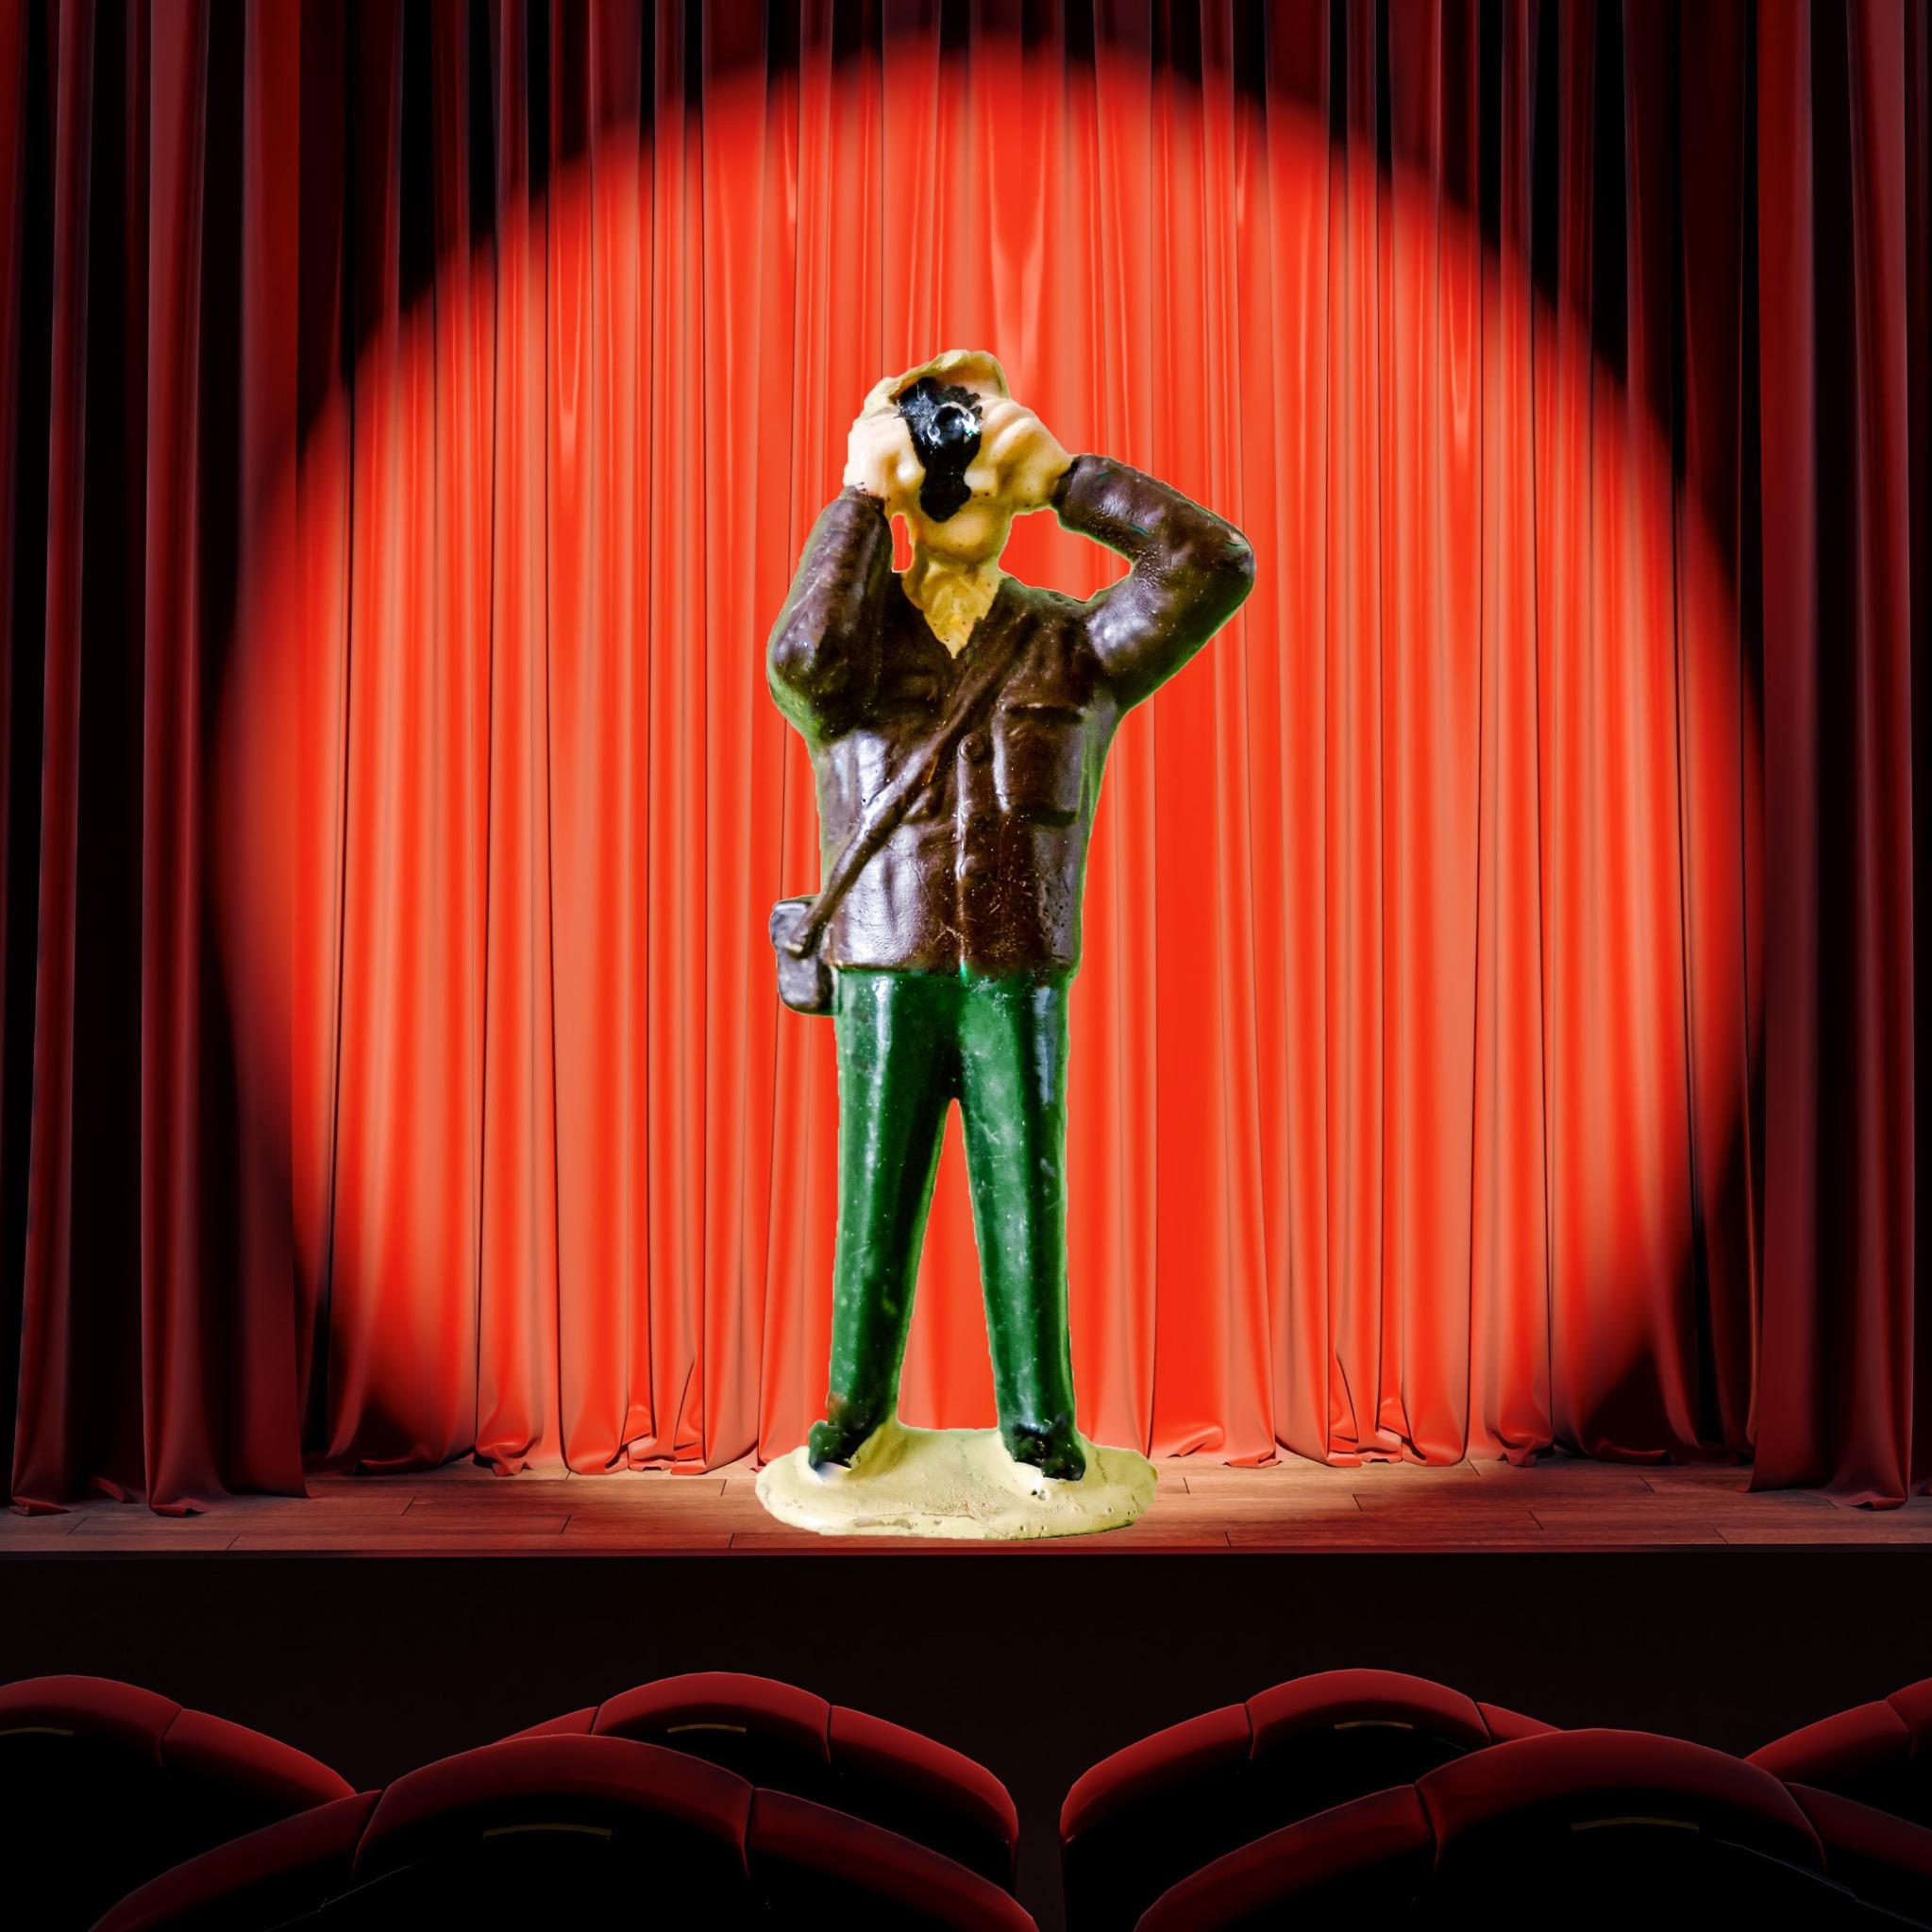 cineastdan